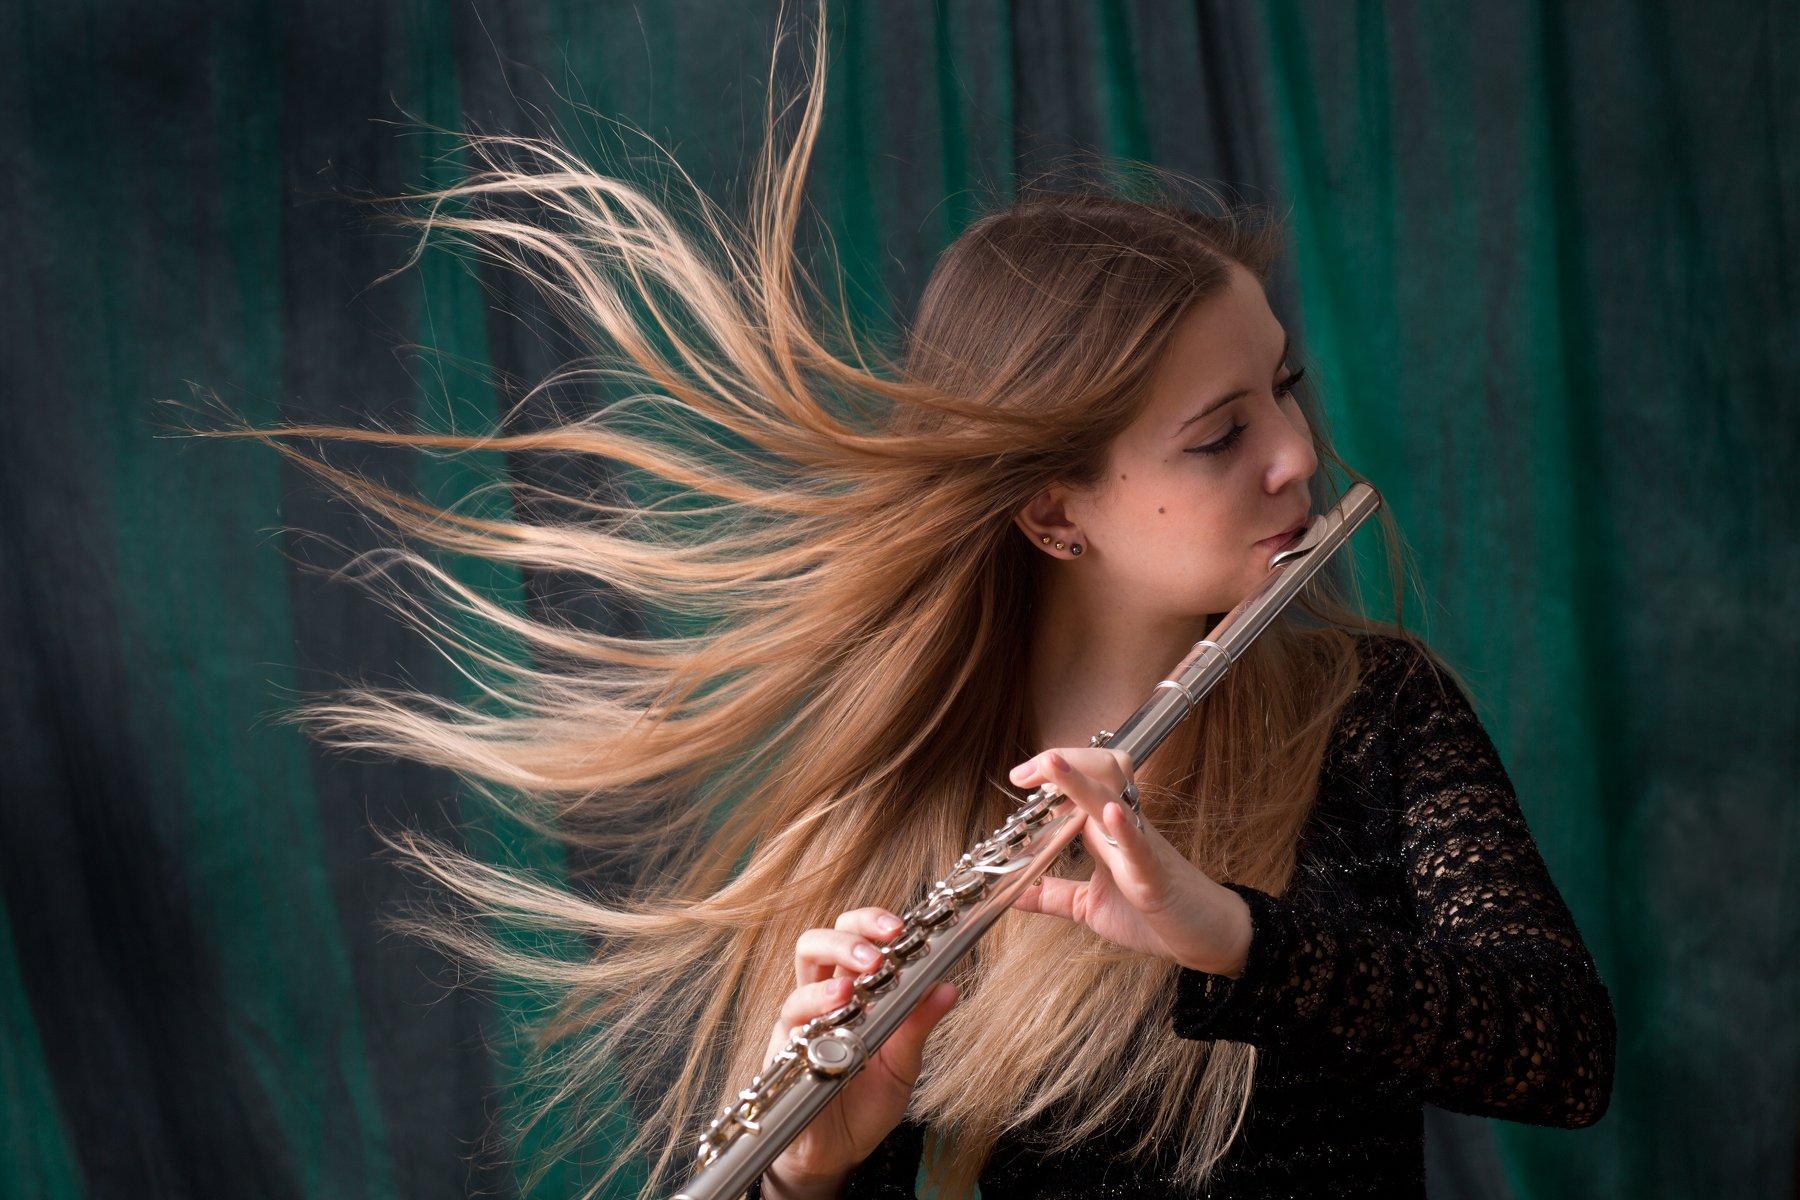 портрет, флейта, музыка, девушка, артистка, красота, искусство, фото, Олег_Грачёв,Oleg_Gracev, art, beauty,canon,canonlens,, Грачёв Олег